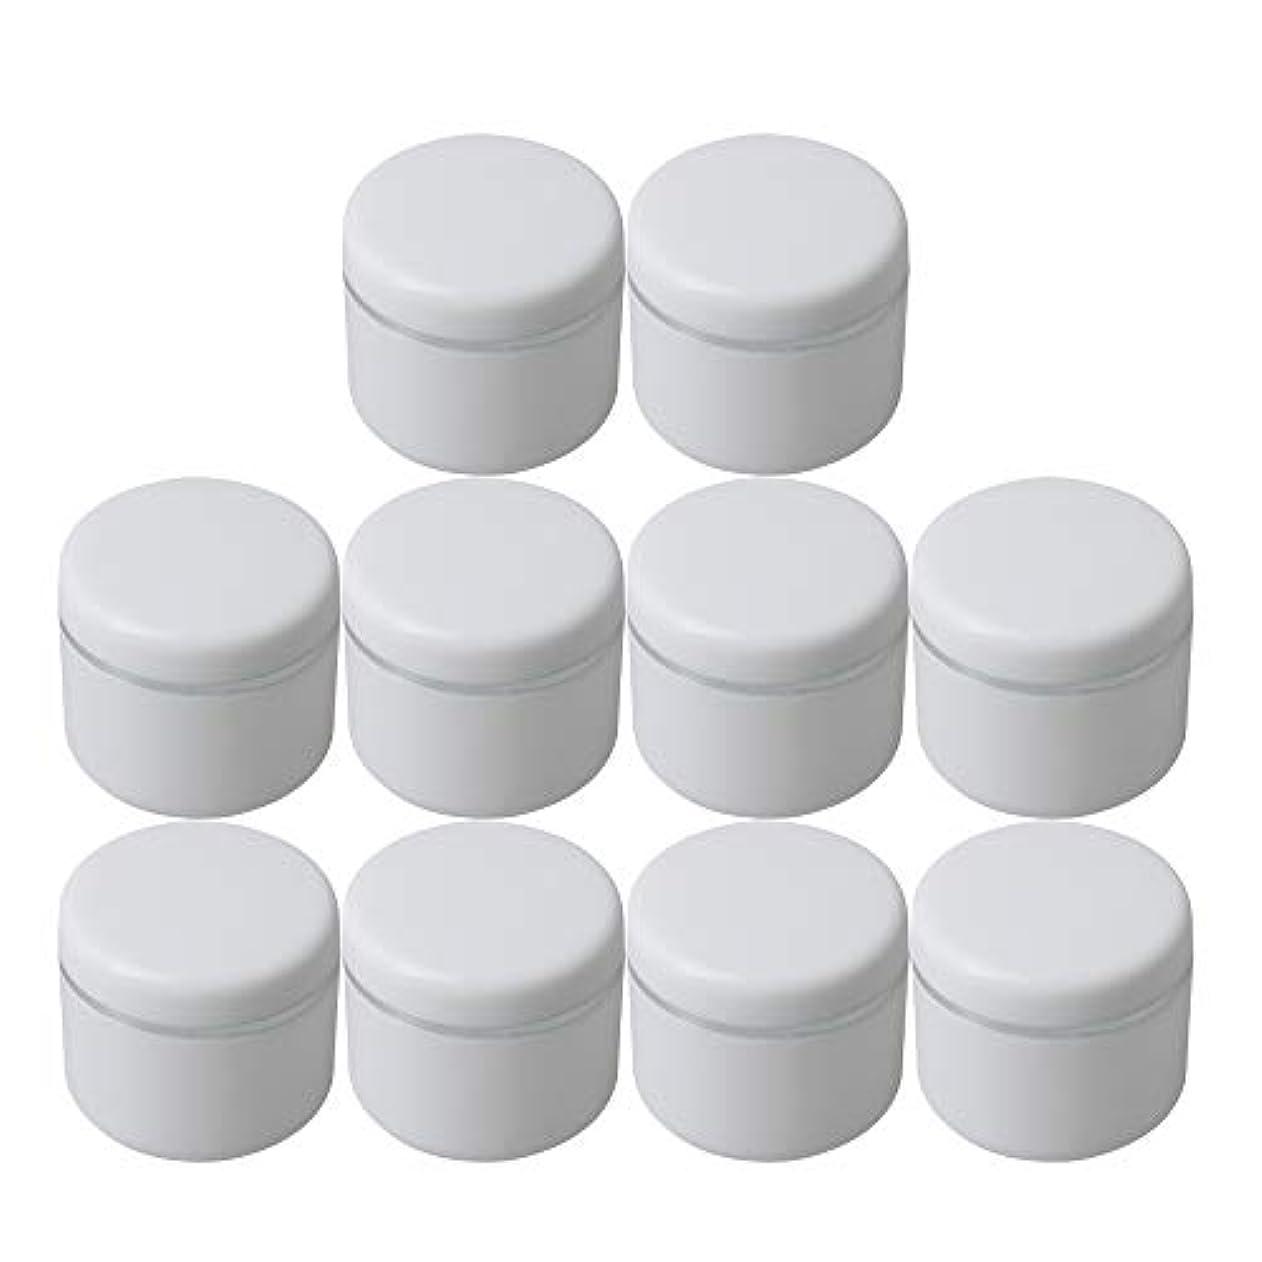 彼ら再編成するエレベーターDiystyle 10個入 クリームケース 空ポット 空容器 化粧品用 30g 詰替え ホワイト